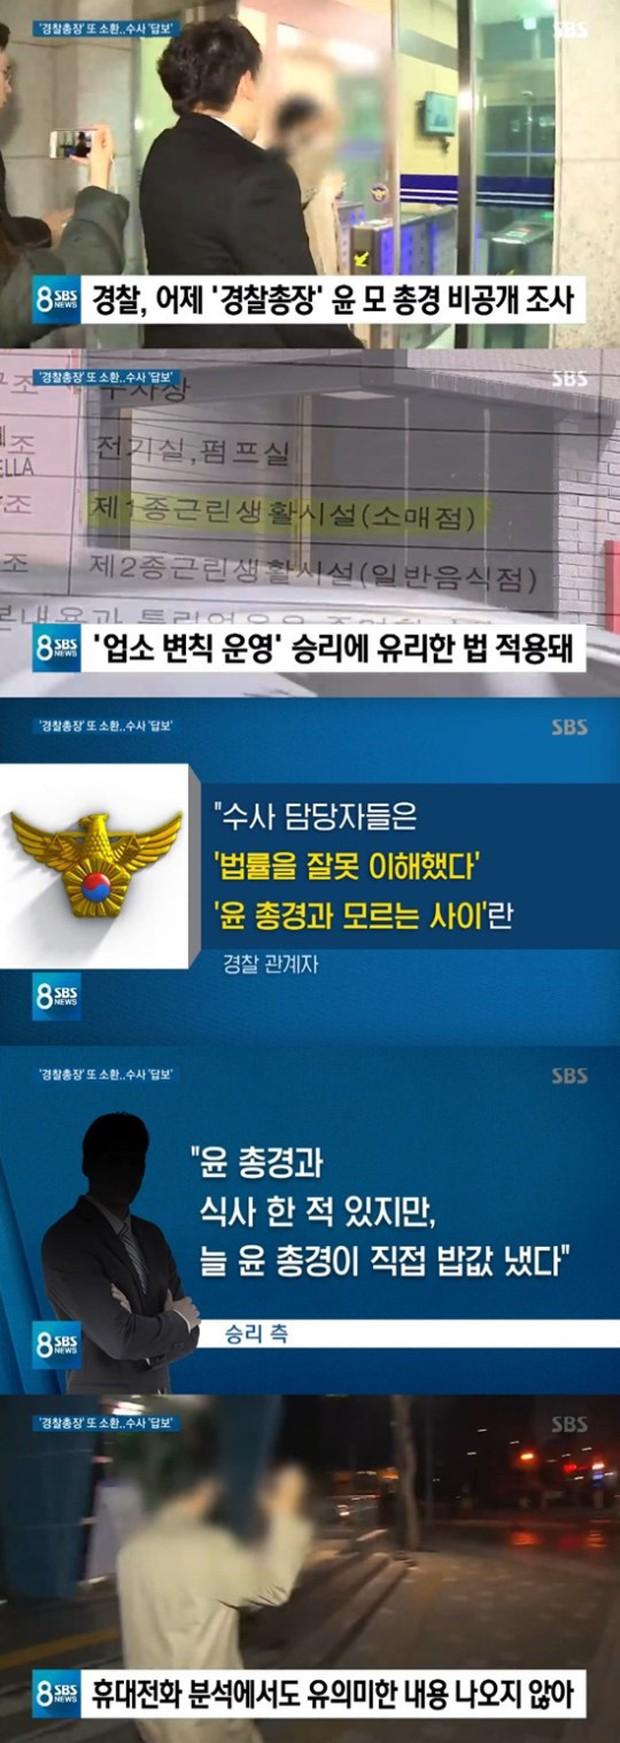 Cứ bảo sẽ hợp tác điều tra, Jung Joon Young bị vạch trần thủ đoạn tiêu hủy bằng chứng từ trước qua phương thức này! - Ảnh 3.